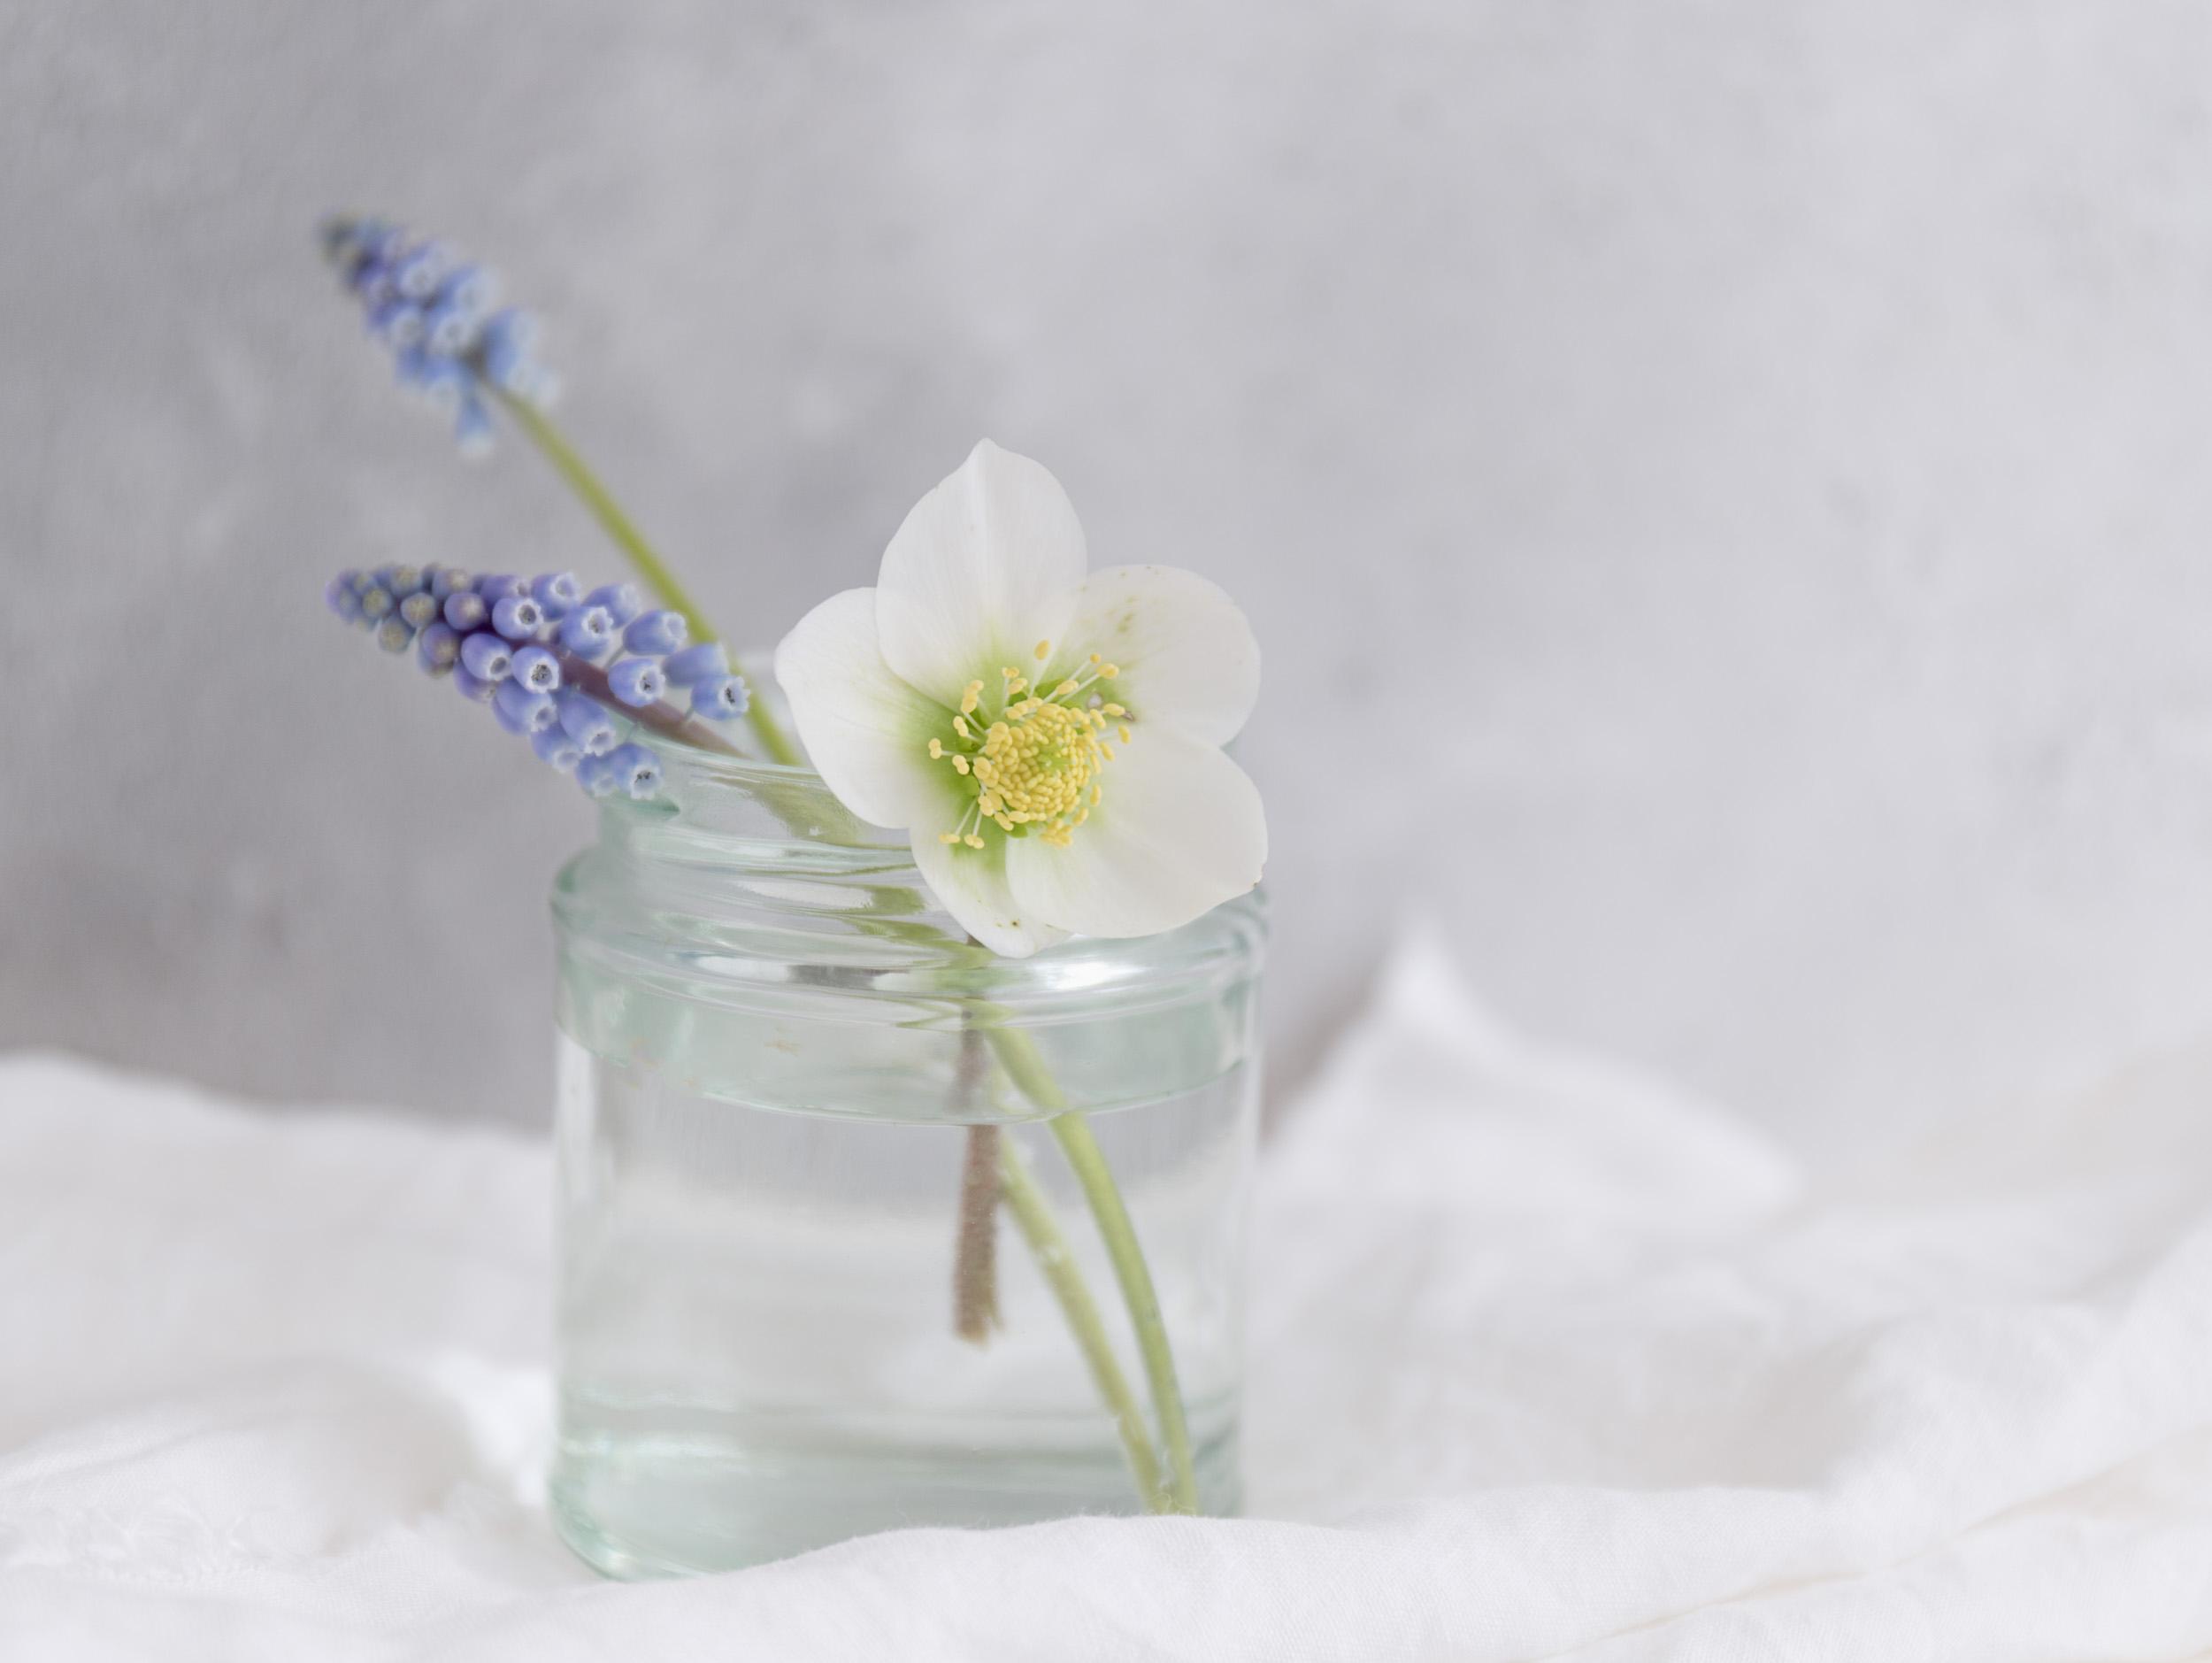 Spring_Flowers--6.jpg